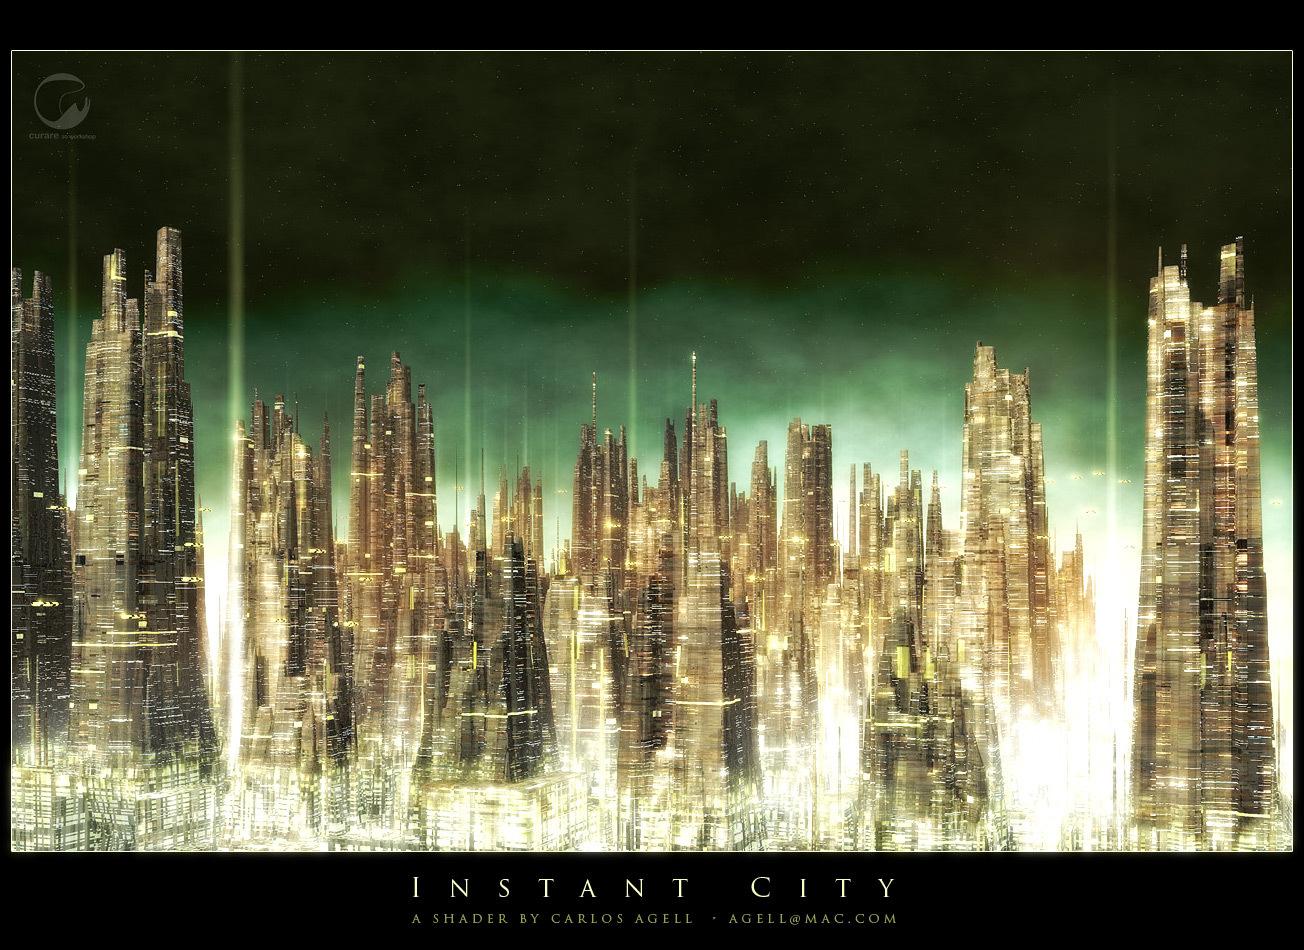 Curaremac instant city procedu 1 fcaf28e9 a07w